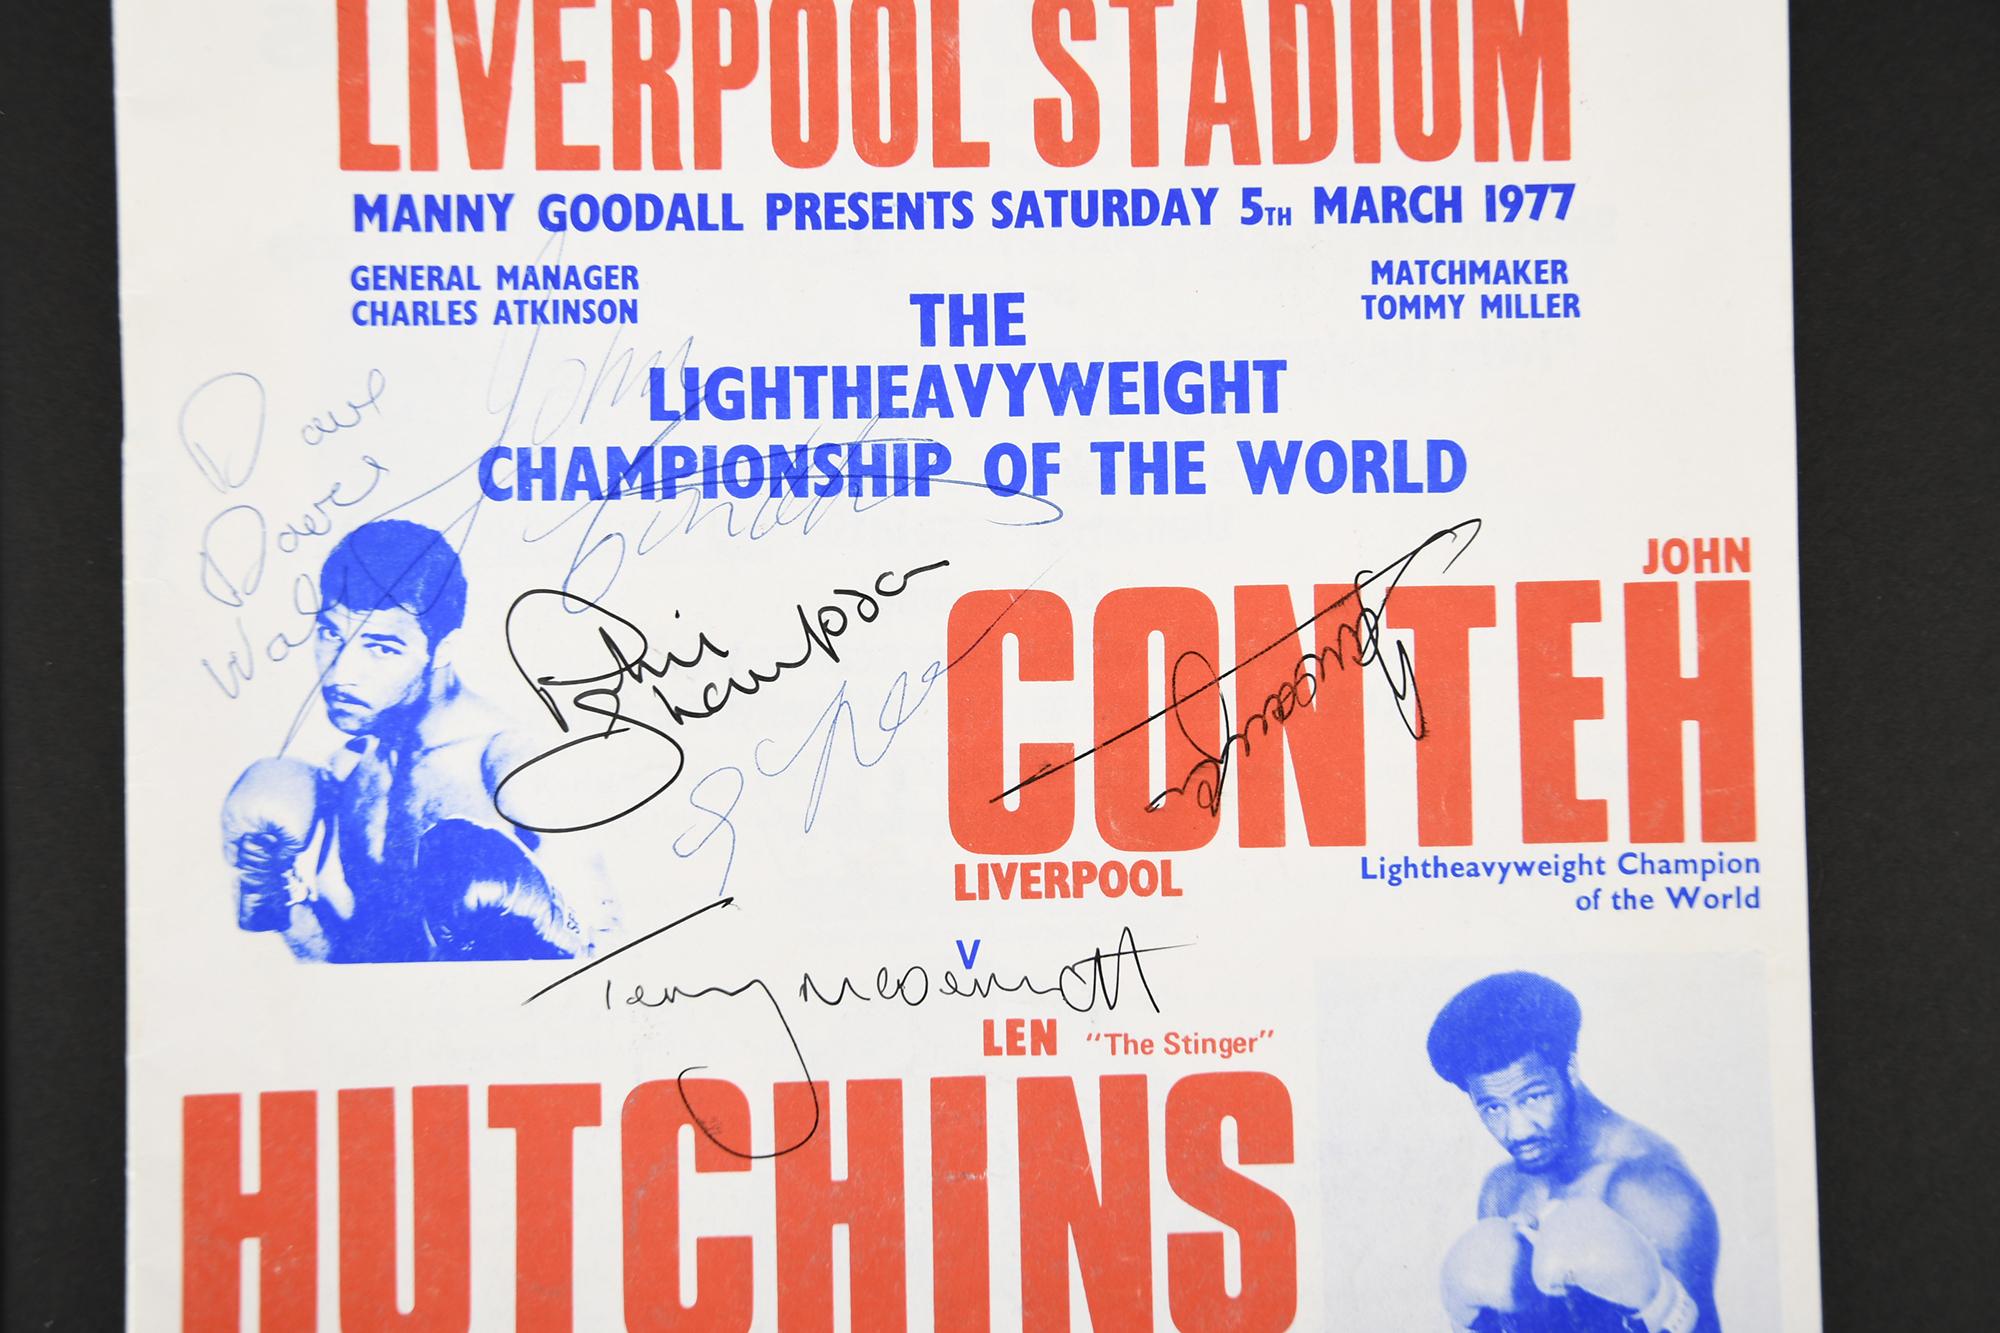 JOHN CONTEH Original signature on photo.